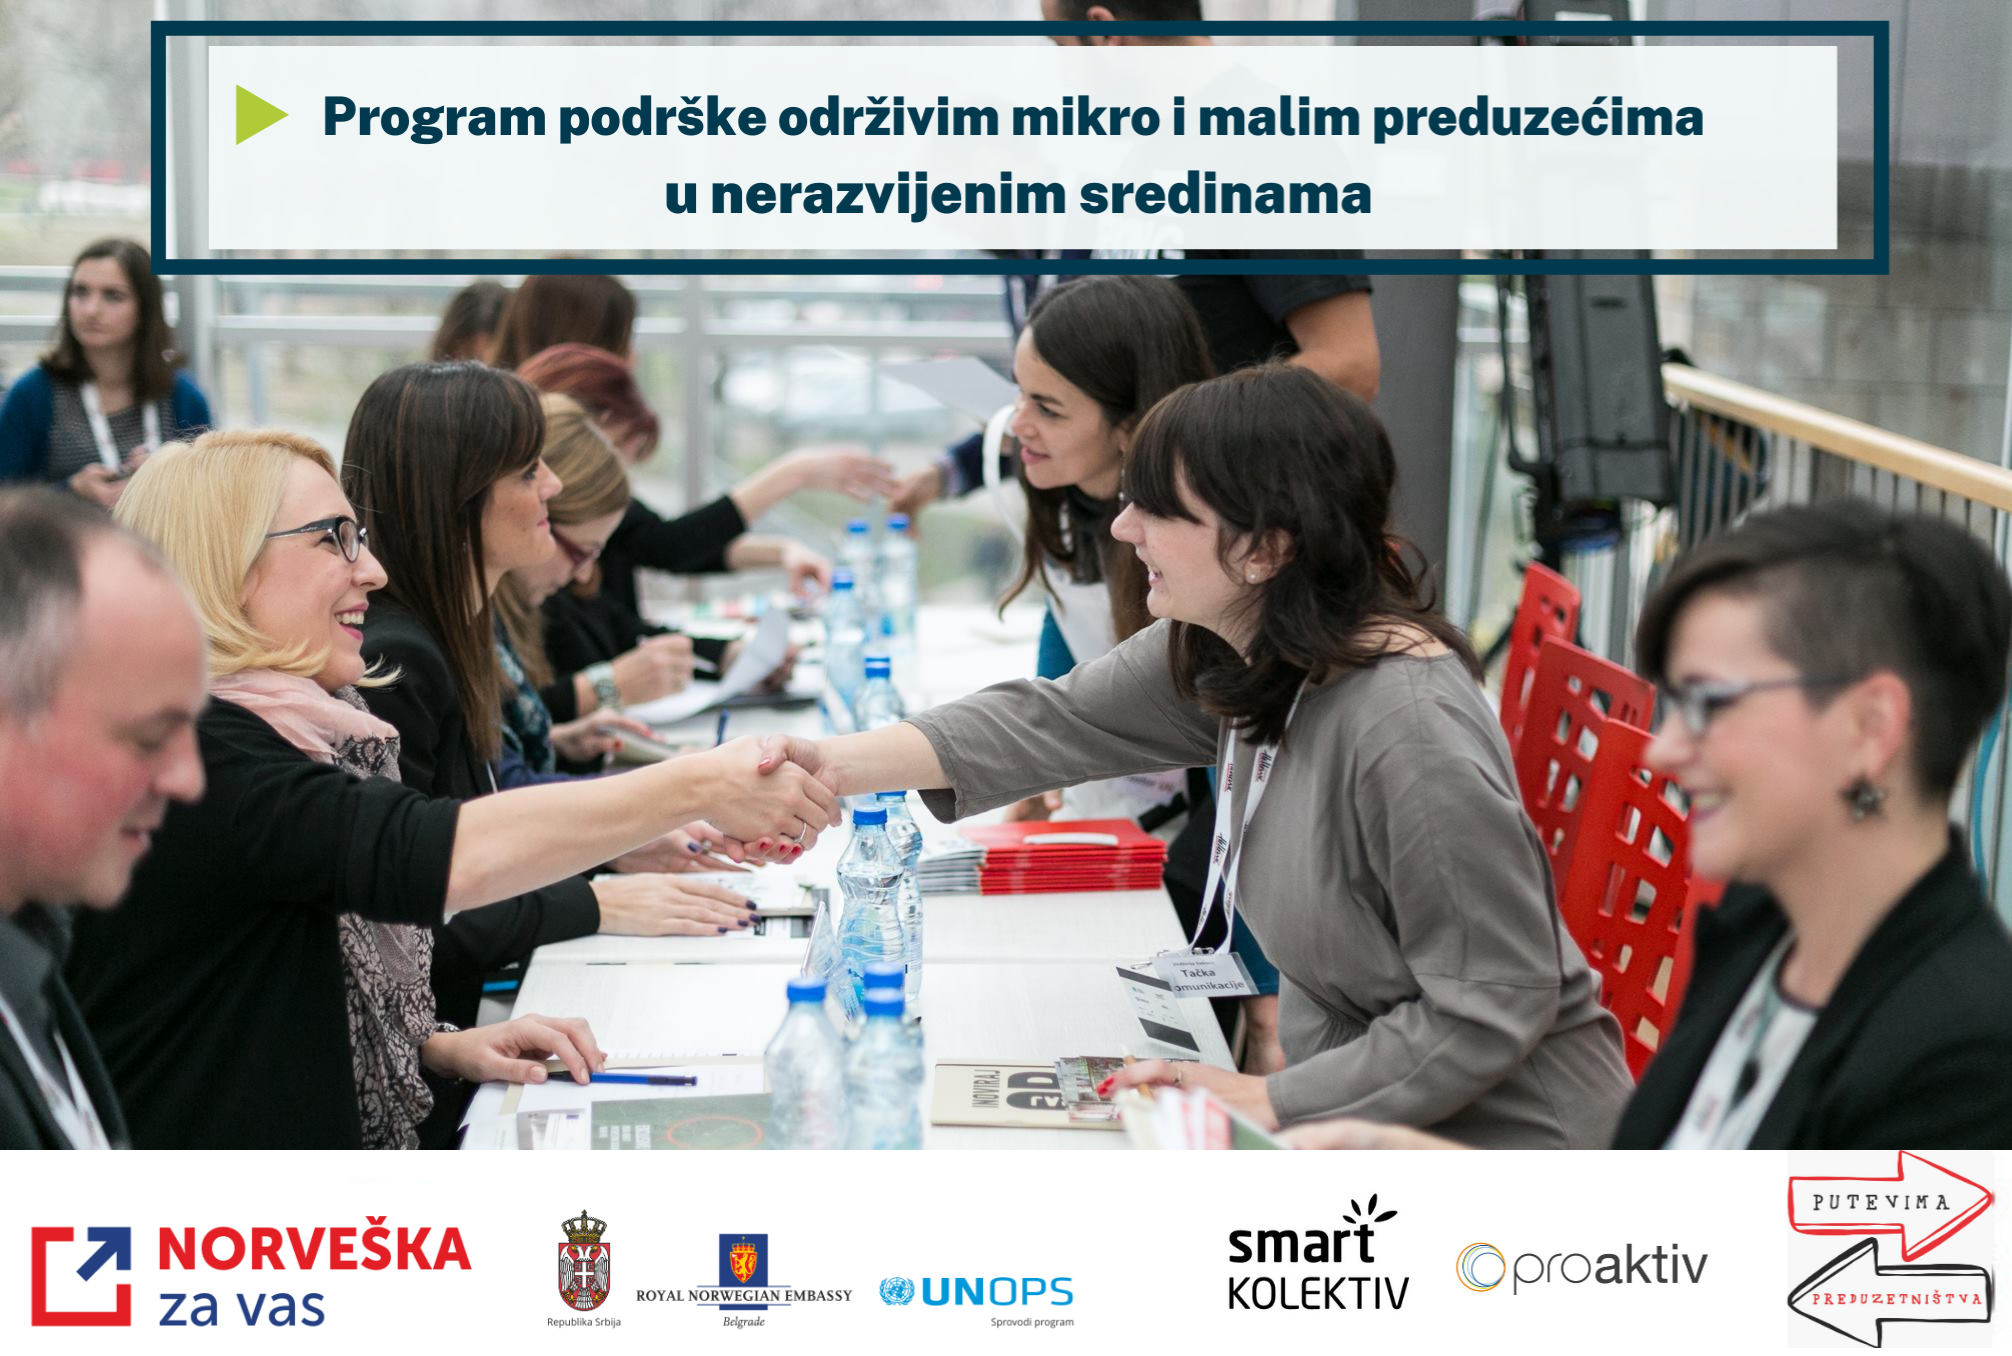 Održana info sesija i intervjui sa učesnicima Programa podrške održivim mikro i malim preduzećima